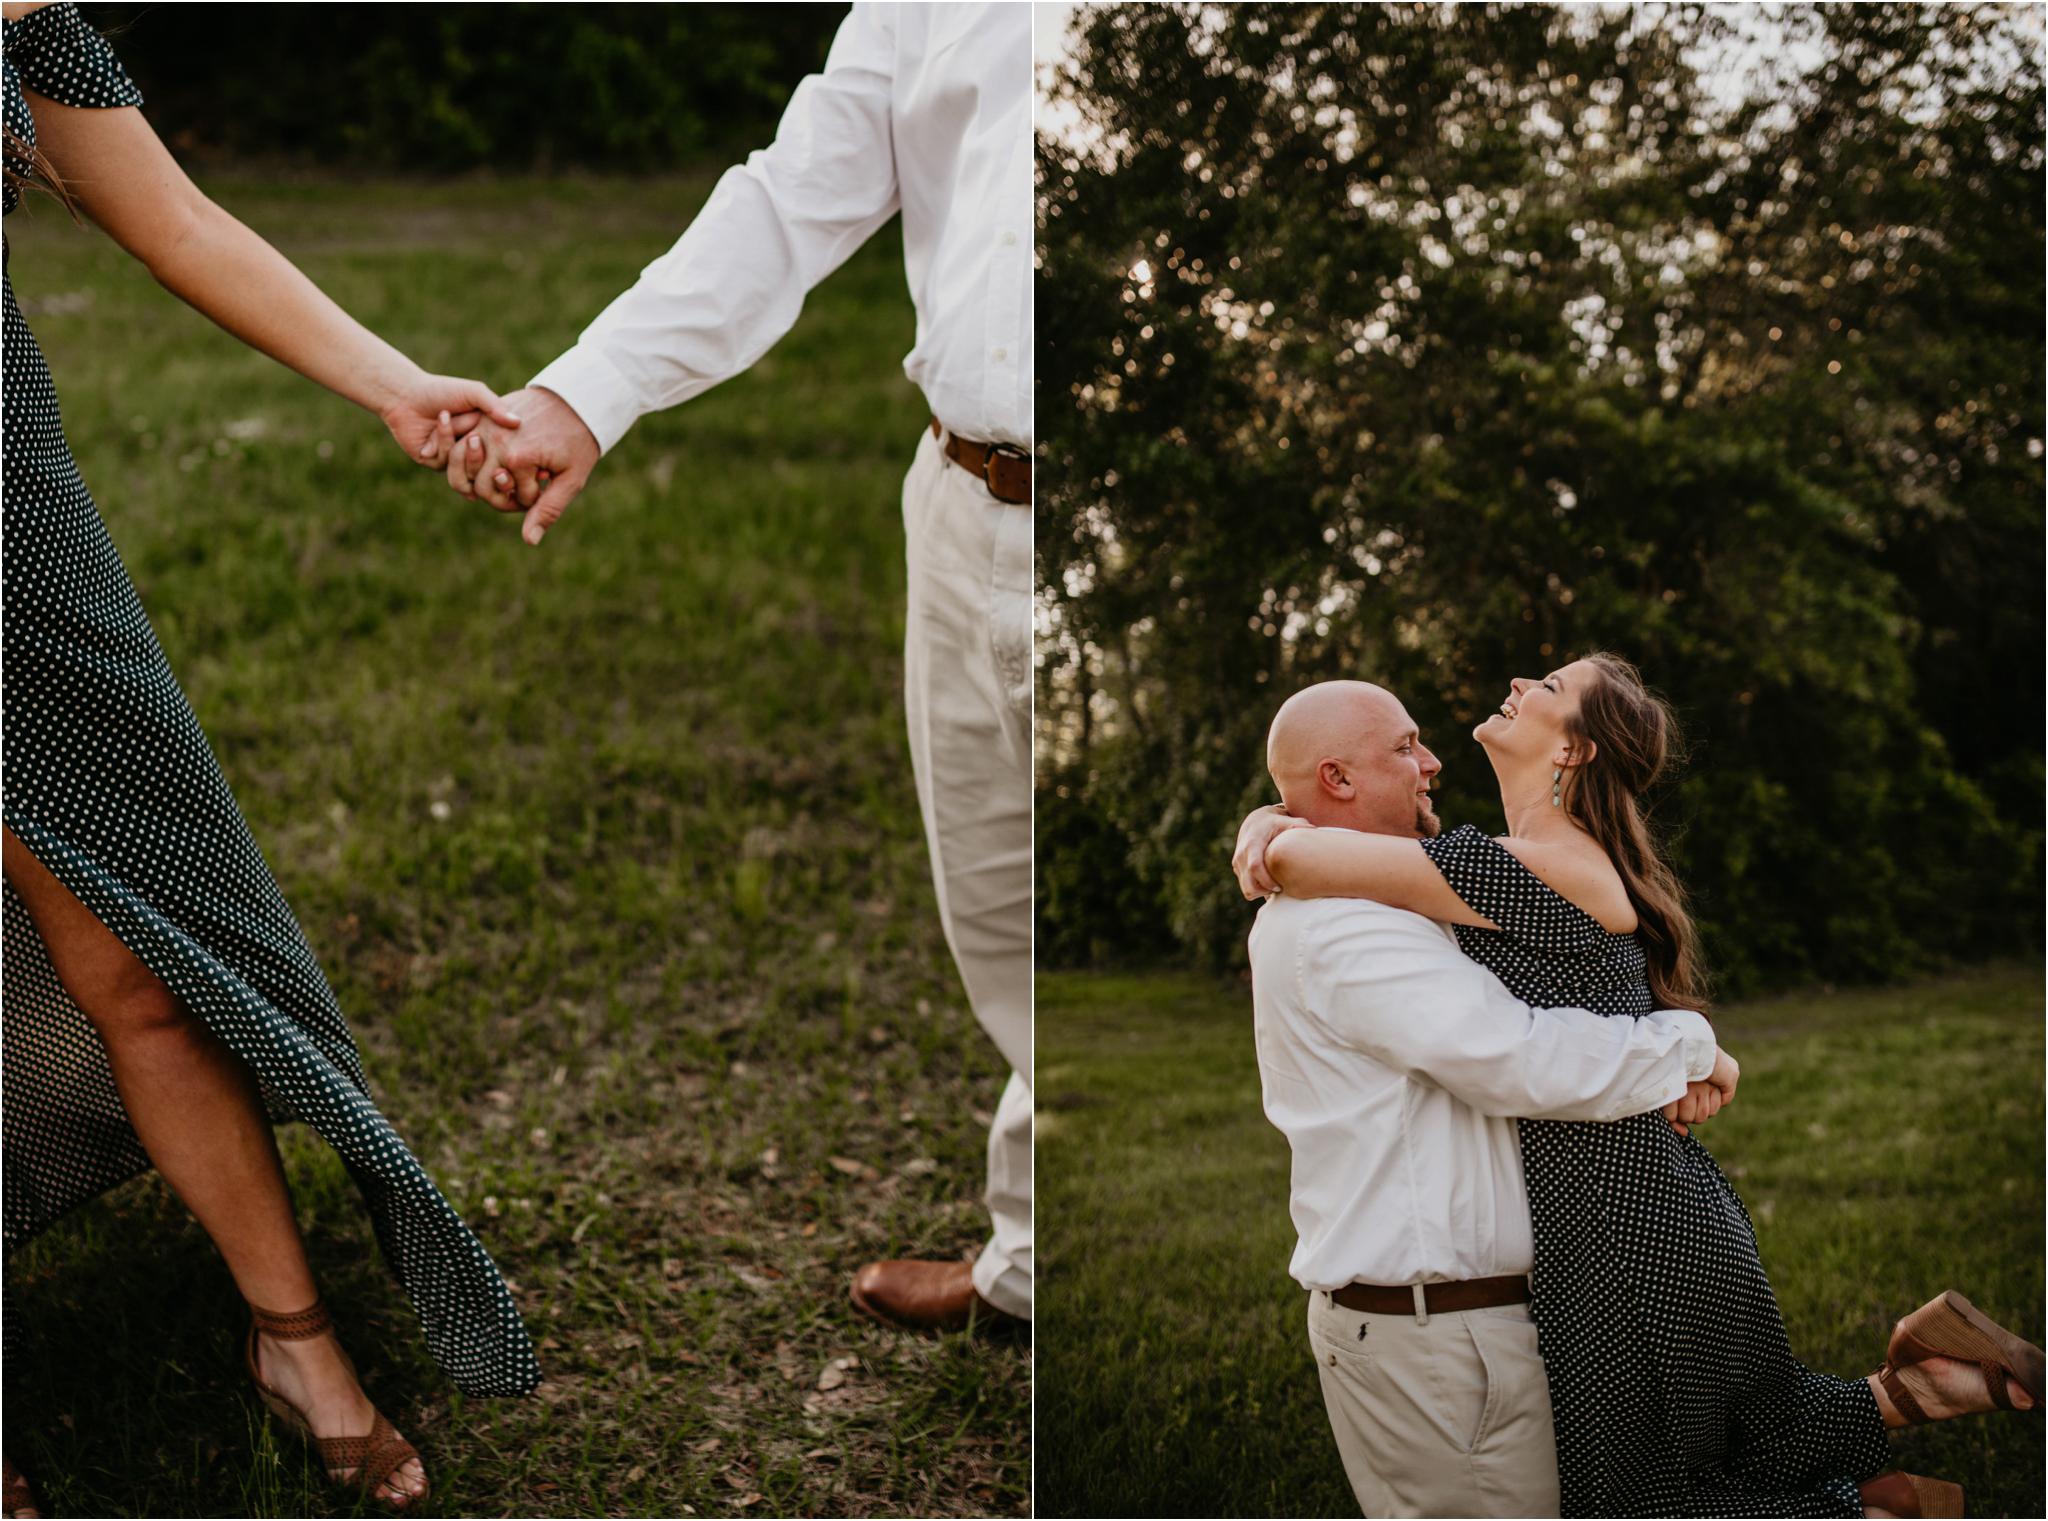 katie-and-eric-houston-oaks-engagement-session-houston-wedding-photographer-008.jpg